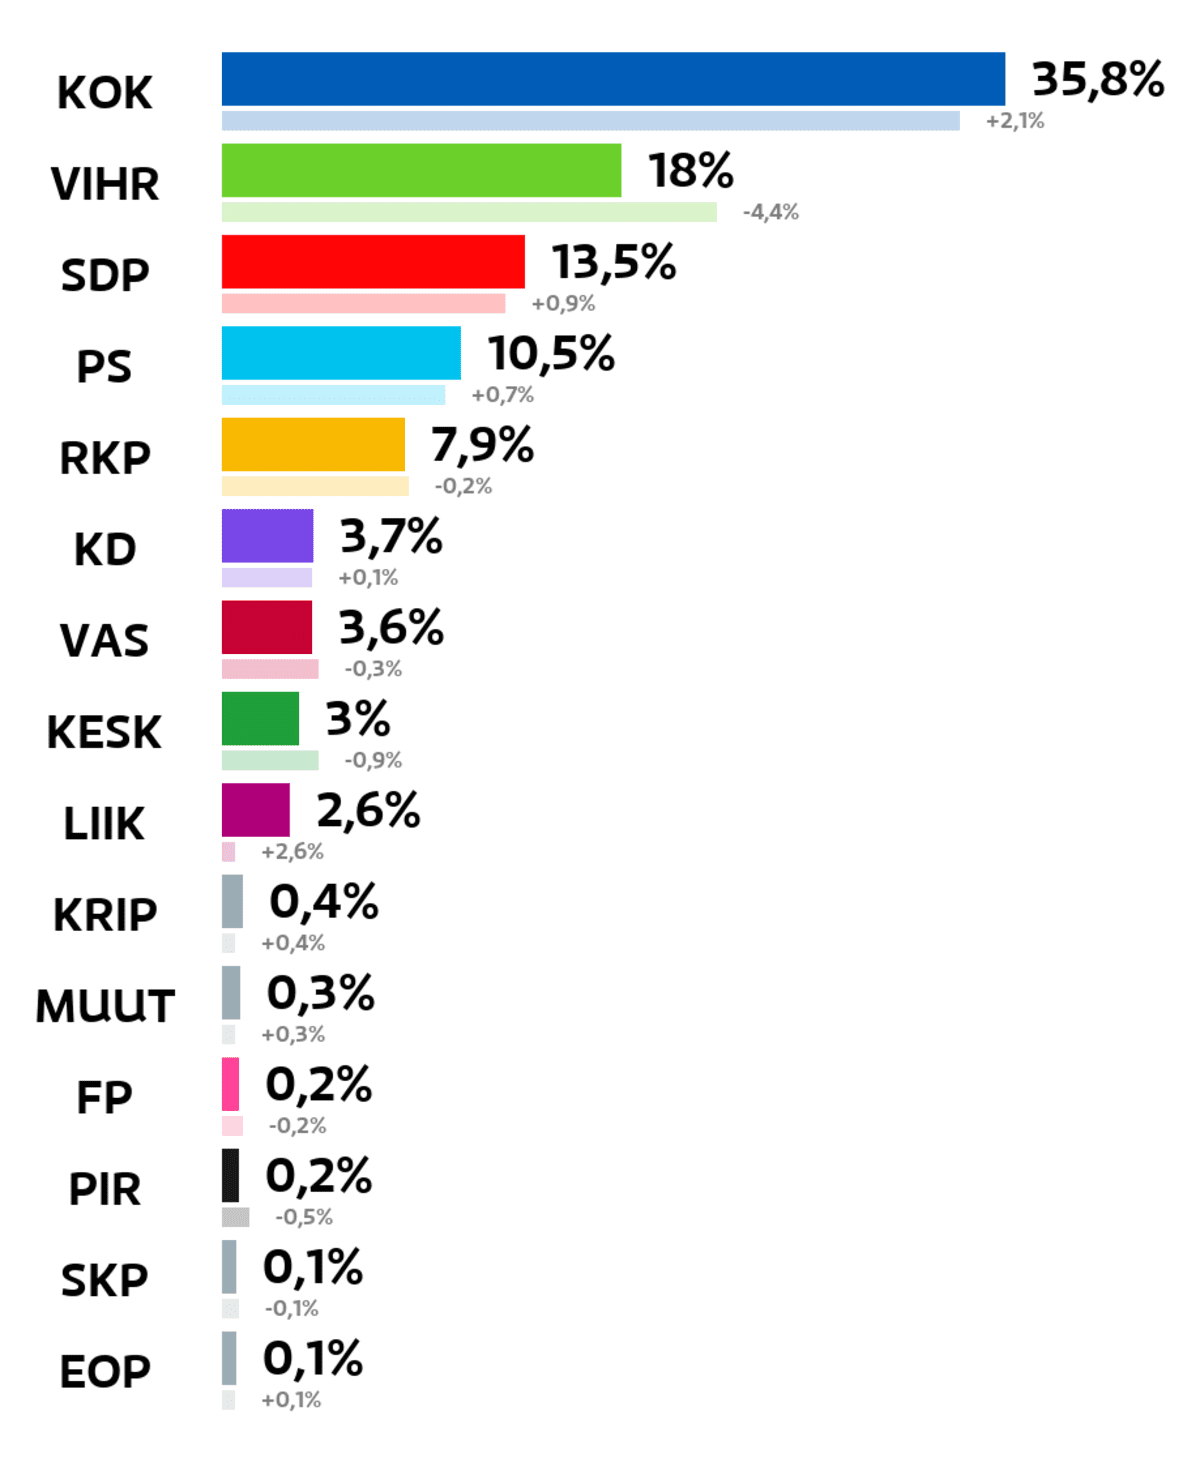 Espoo: Kuntavaalien tulos (%) Kokoomus: 35,8 prosenttia Vihreät: 18 prosenttia SDP: 13,5 prosenttia Perussuomalaiset: 10,5 prosenttia RKP: 7,9 prosenttia Kristillisdemokraatit: 3,7 prosenttia Vasemmistoliitto: 3,6 prosenttia Keskusta: 3 prosenttia Liike Nyt: 2,6 prosenttia Kristallipuolue: 0,4 prosenttia Muut ryhmät: 0,3 prosenttia Feministinen puolue: 0,2 prosenttia Piraattipuolue: 0,2 prosenttia Suomen Kommunistinen Puolue: 0,1 prosenttia Eläinoikeuspuolue: 0,1 prosenttia